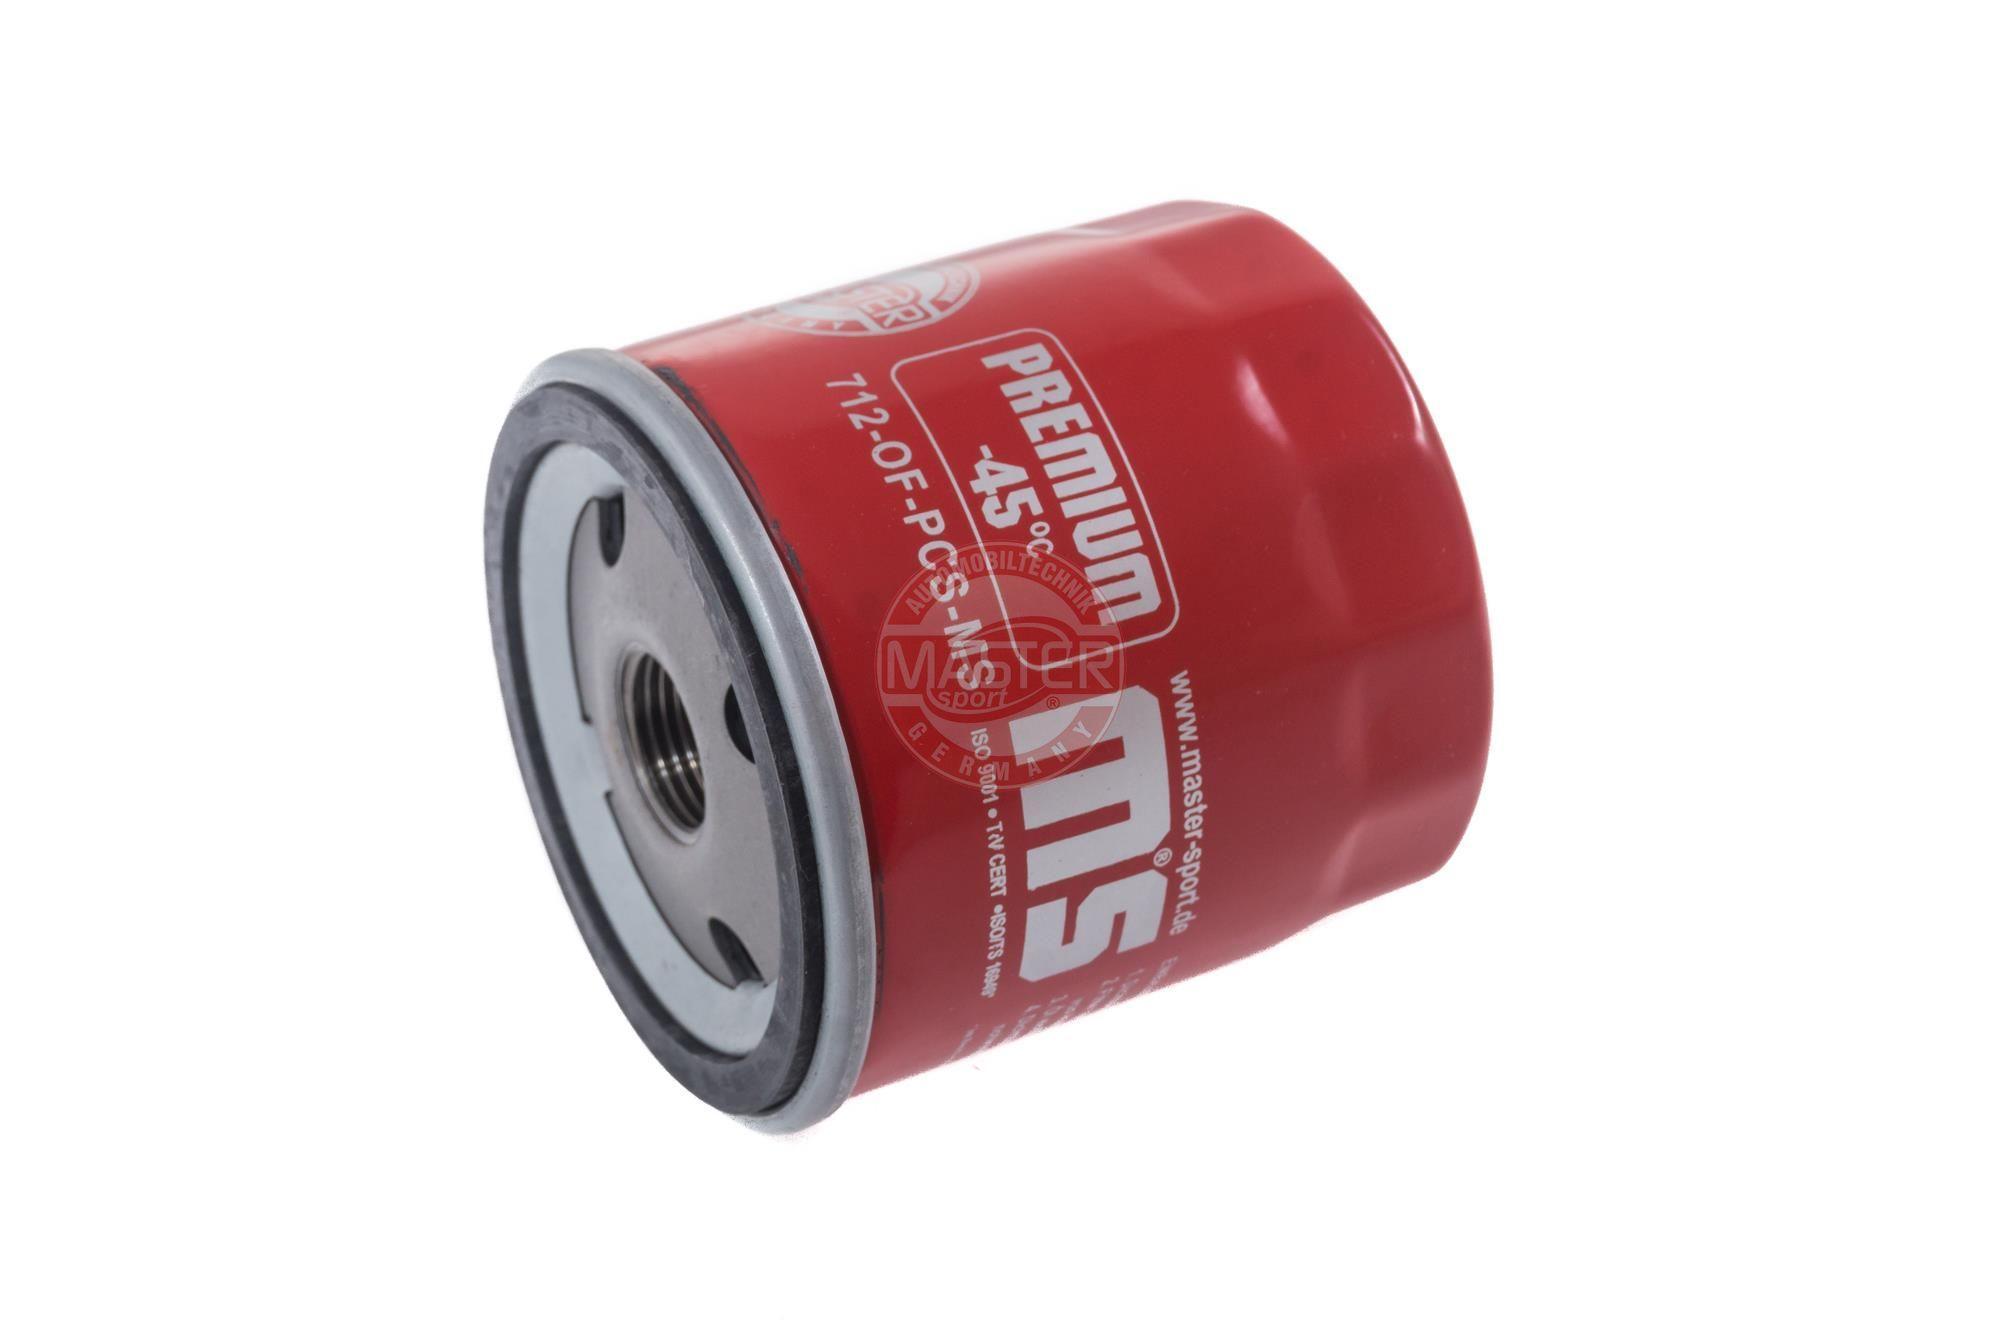 MASTER-SPORT: Original Ölfilter 712-OF-PCS-MS (Innendurchmesser 2: 62mm, Innendurchmesser 2: 62mm, Ø: 76mm, Außendurchmesser 2: 71mm, Höhe: 79mm)